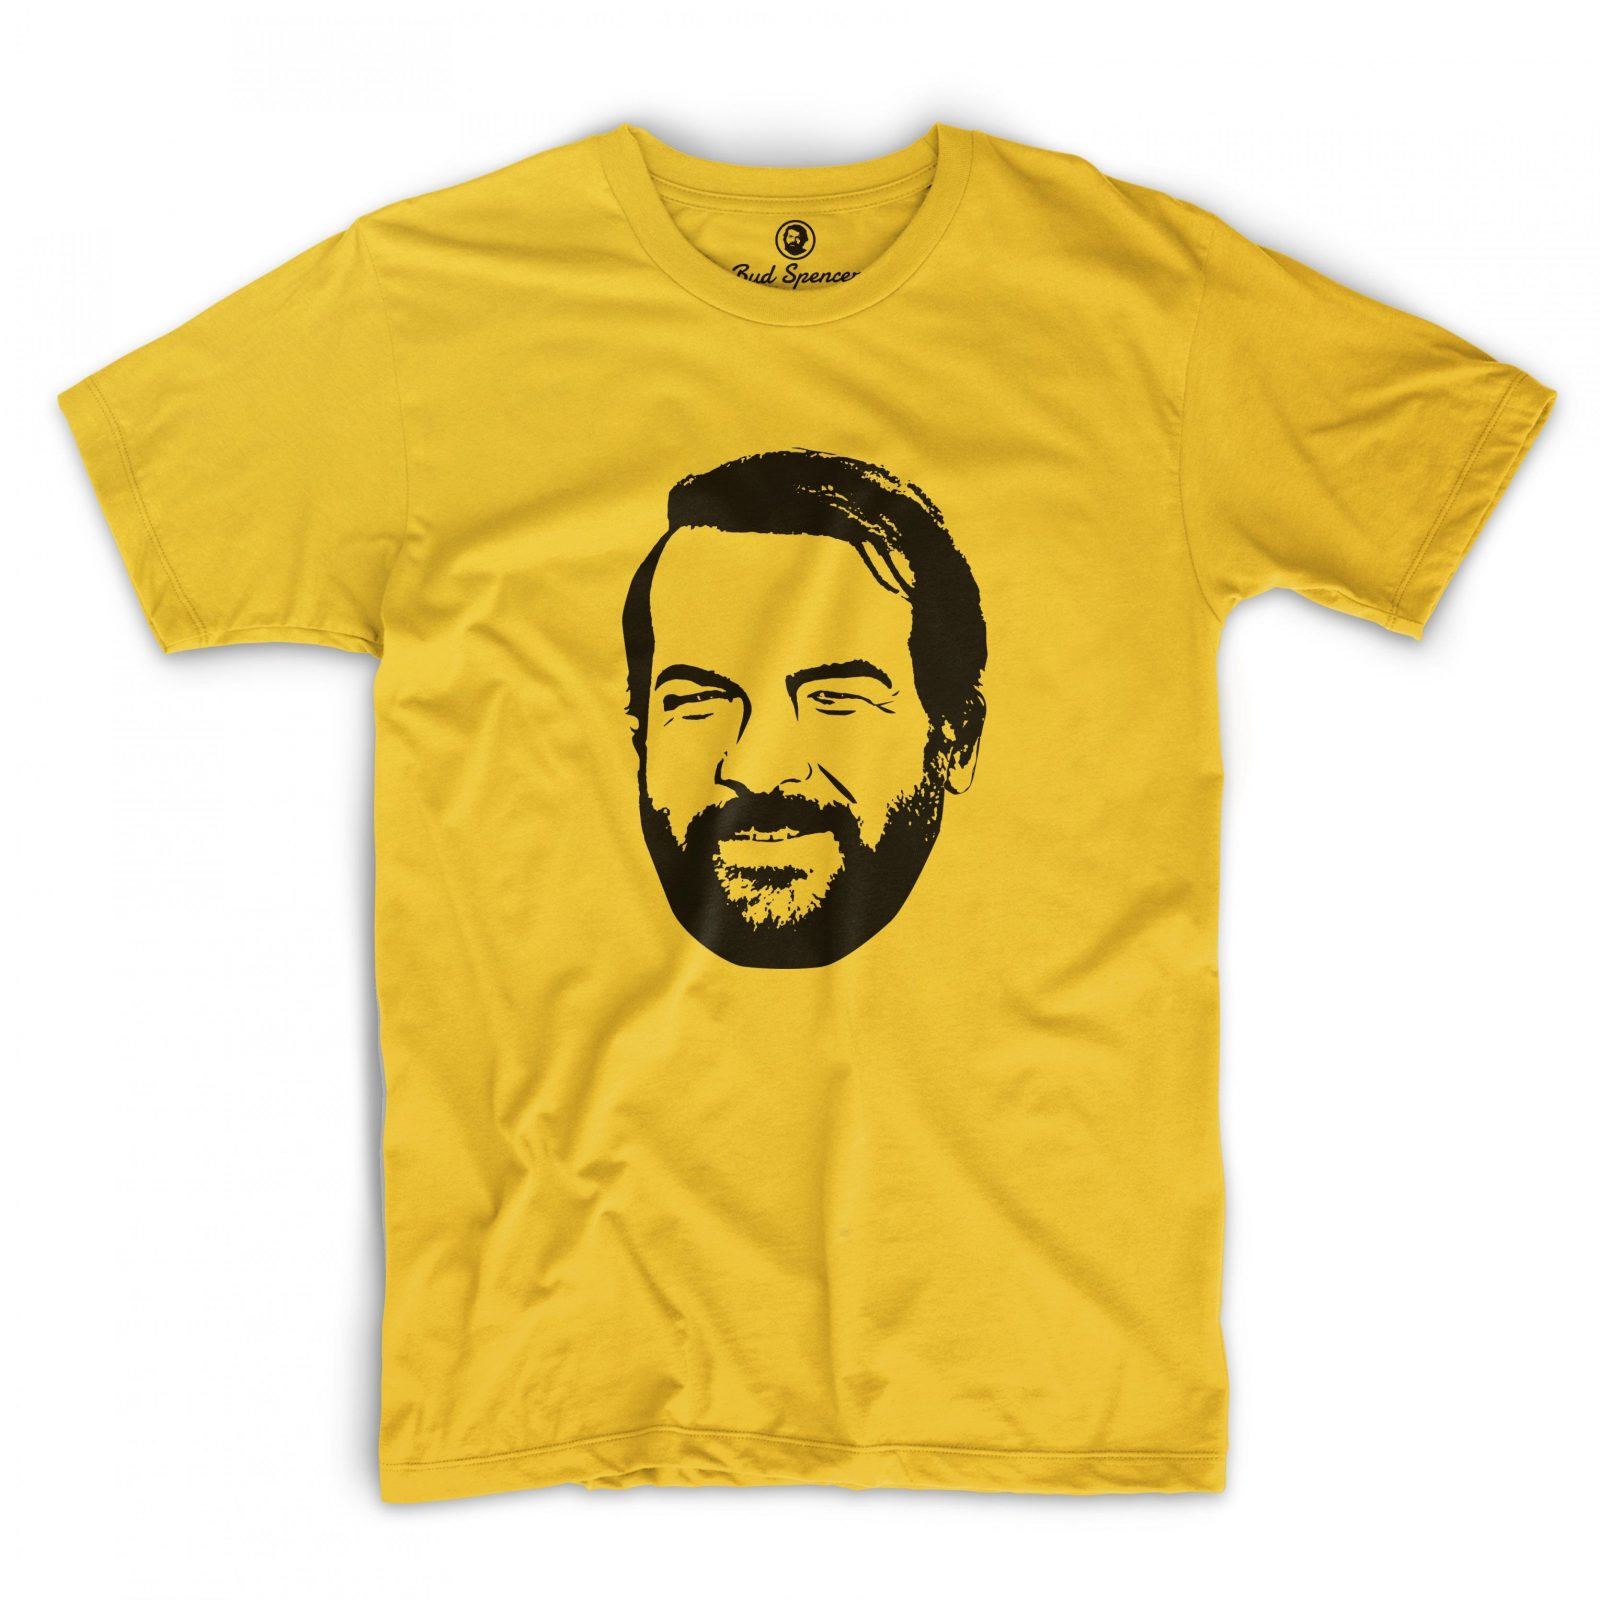 Bud Spencer  Legend  Tshirt von Bud Spencer Mücke 63 Bild